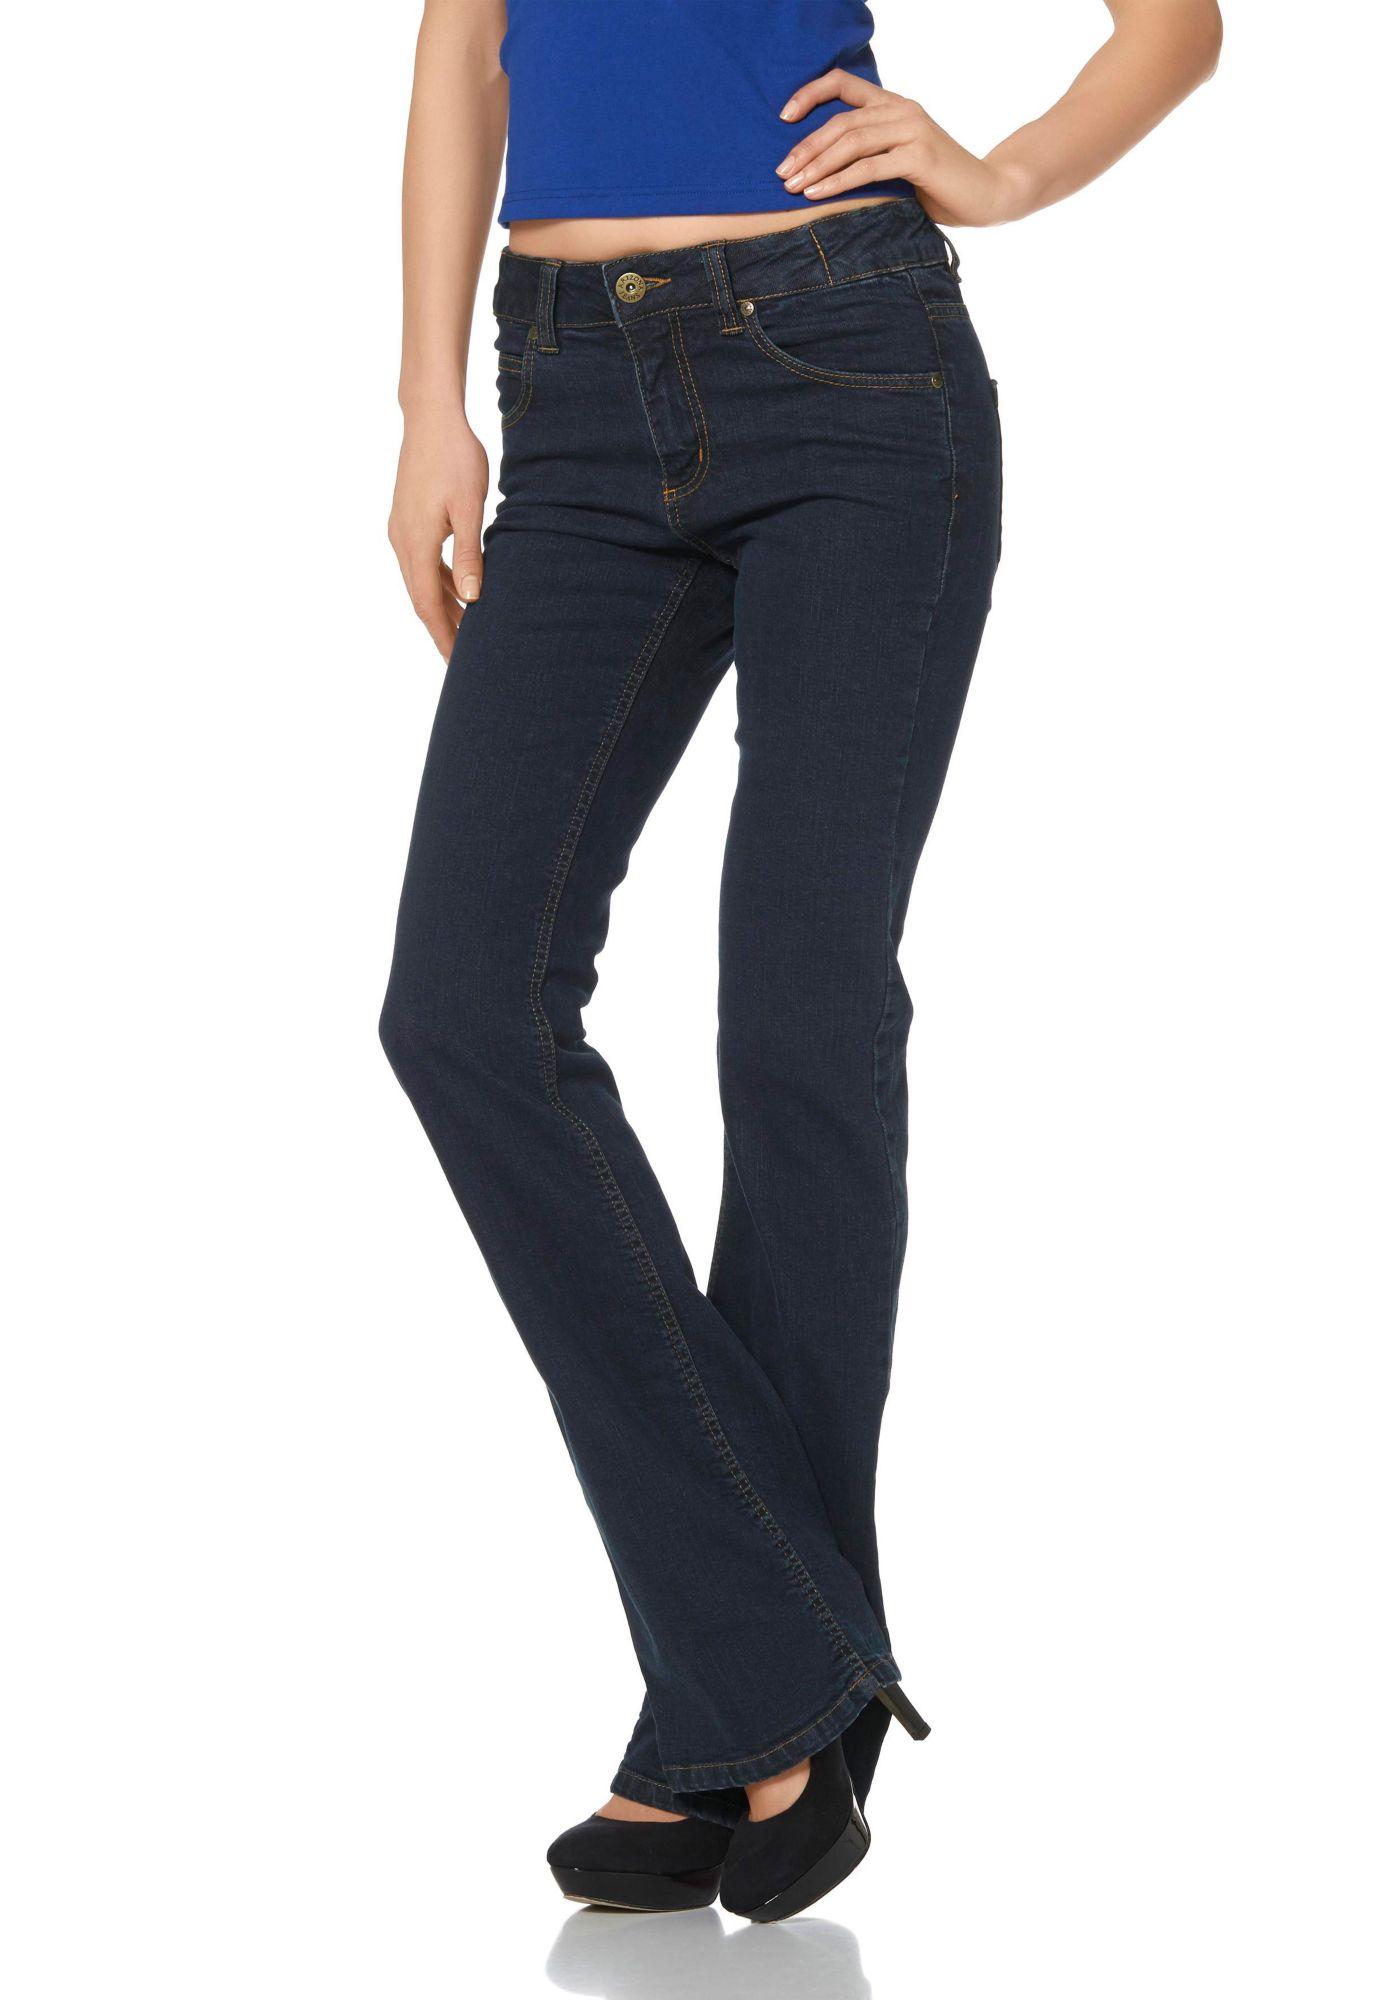 джинсы клеш женские купить с доставкой